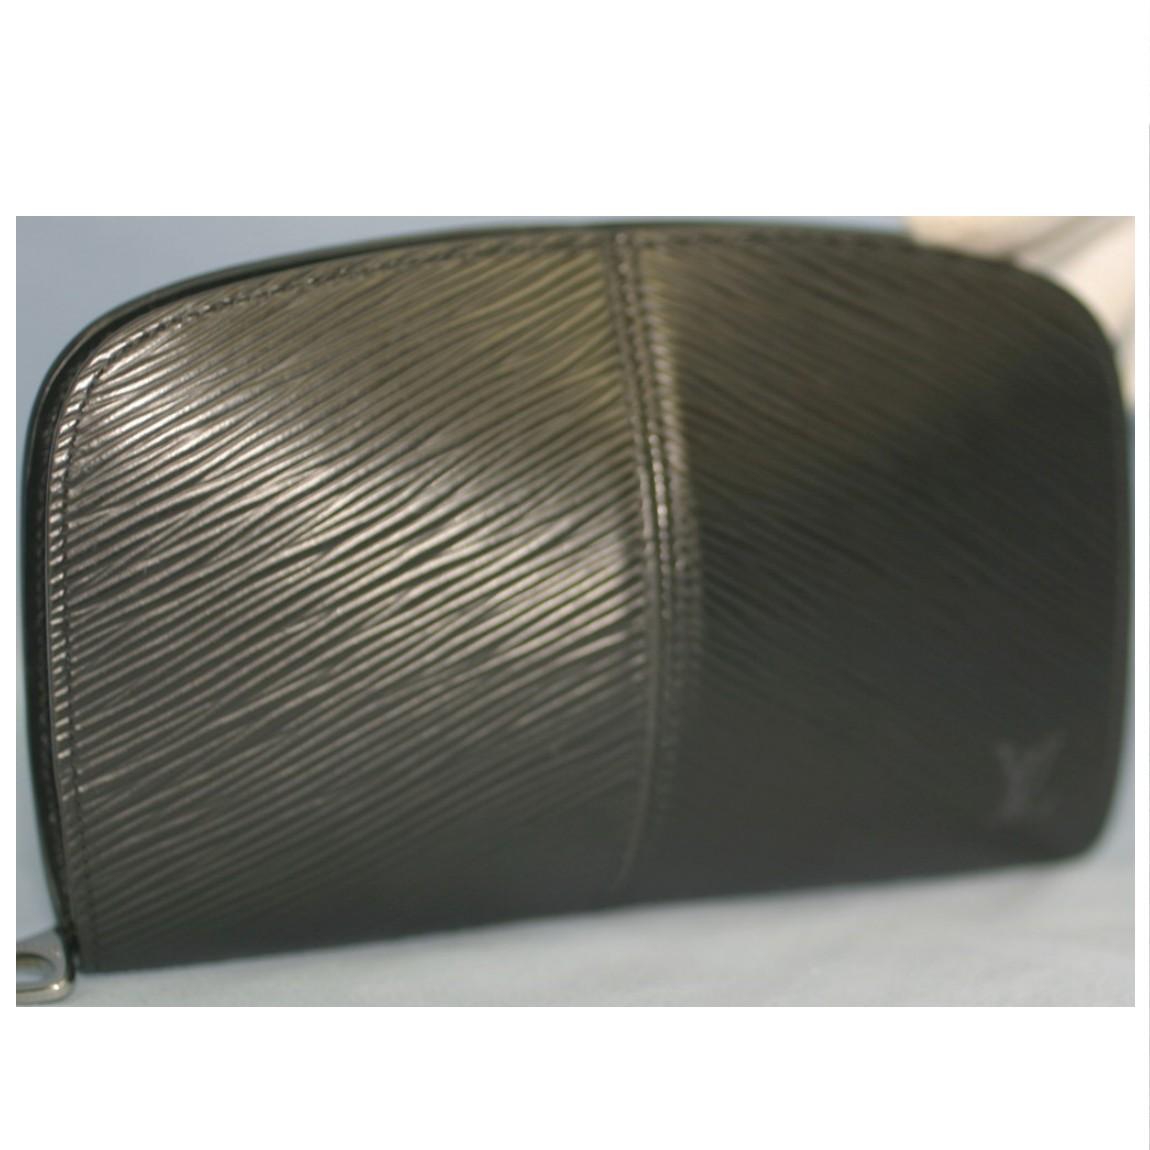 【中古】本物数回使用L/Vエピ女性用数回使用ラウンドファスナー17x11センチ財布ポルトフォイユ・エピZ外観は抜群に綺麗